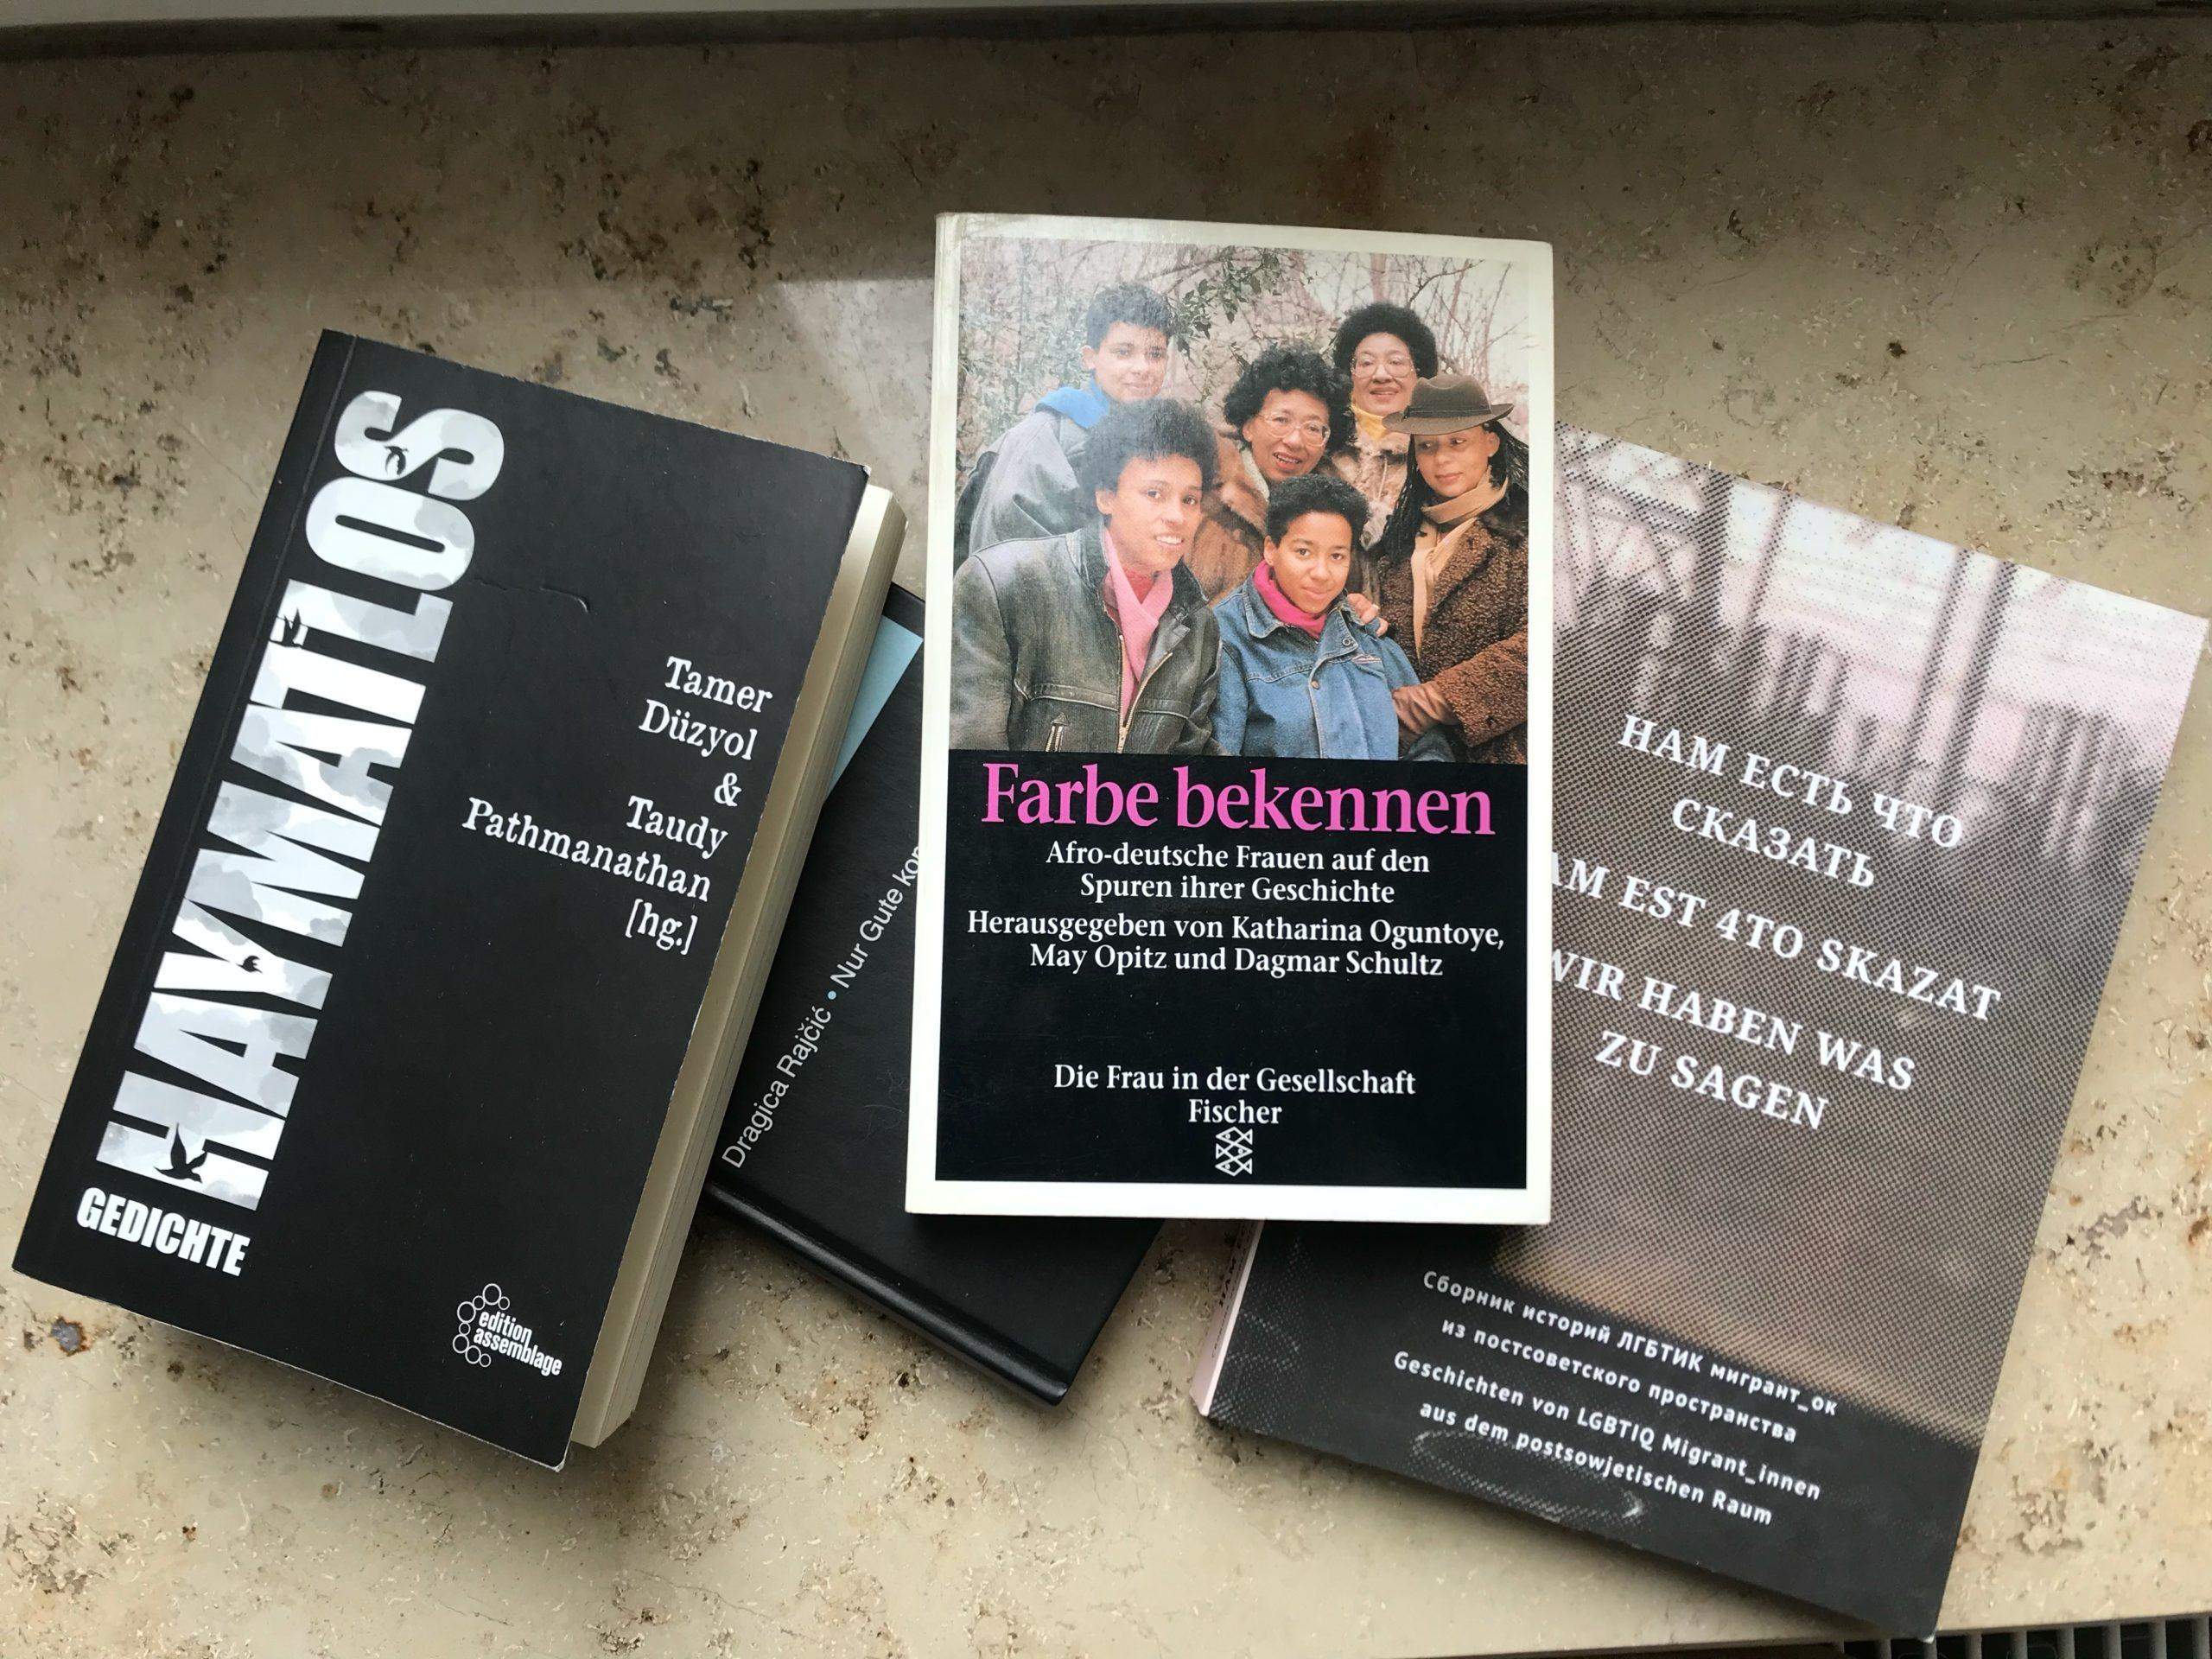 #AusdemSeminarraum: Poetiken der Ausschlüsse oder Poetiken der Transformation?